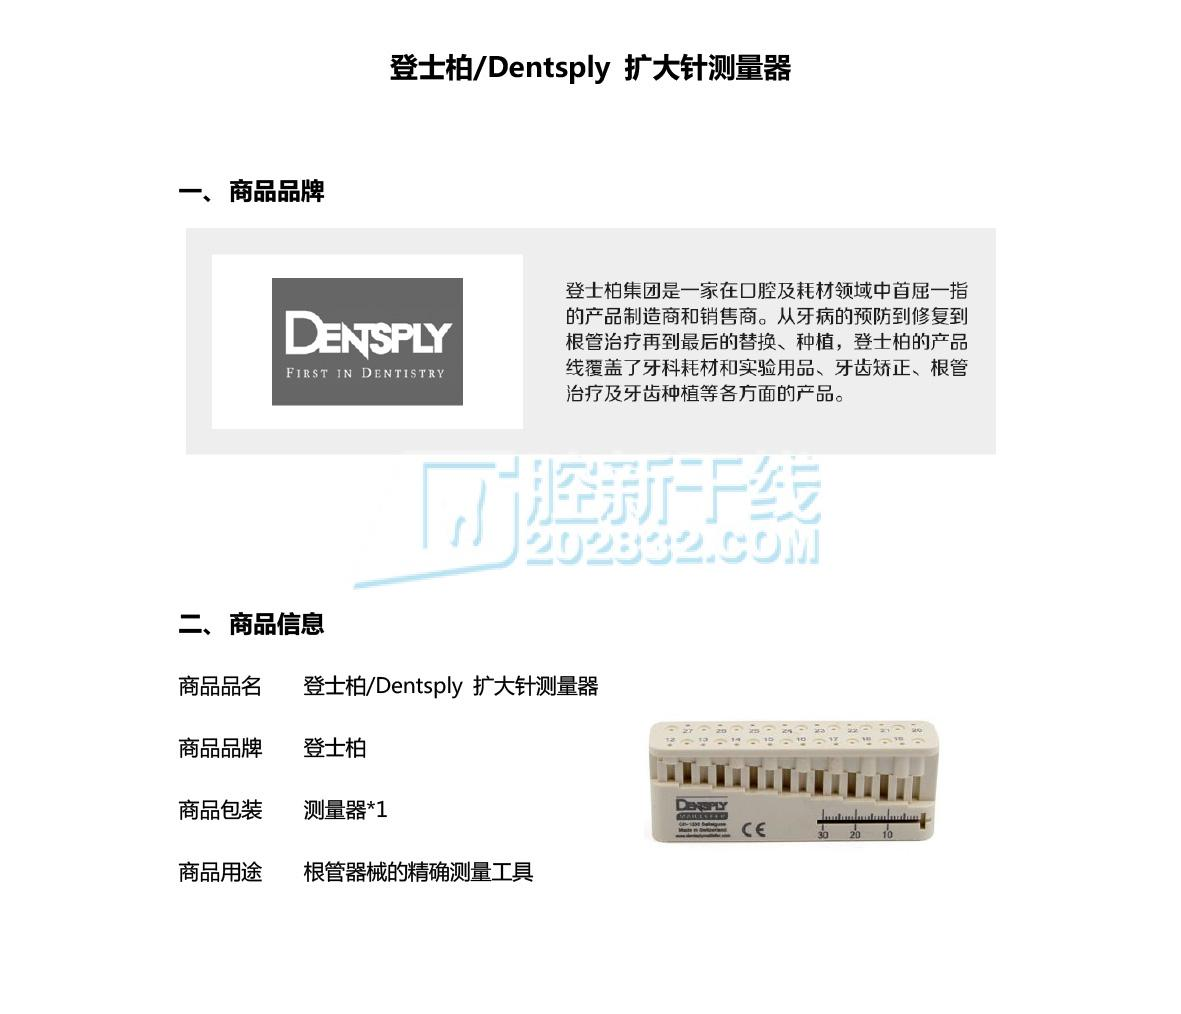 登士柏Dentsply 扩大针测量器-1.jpg